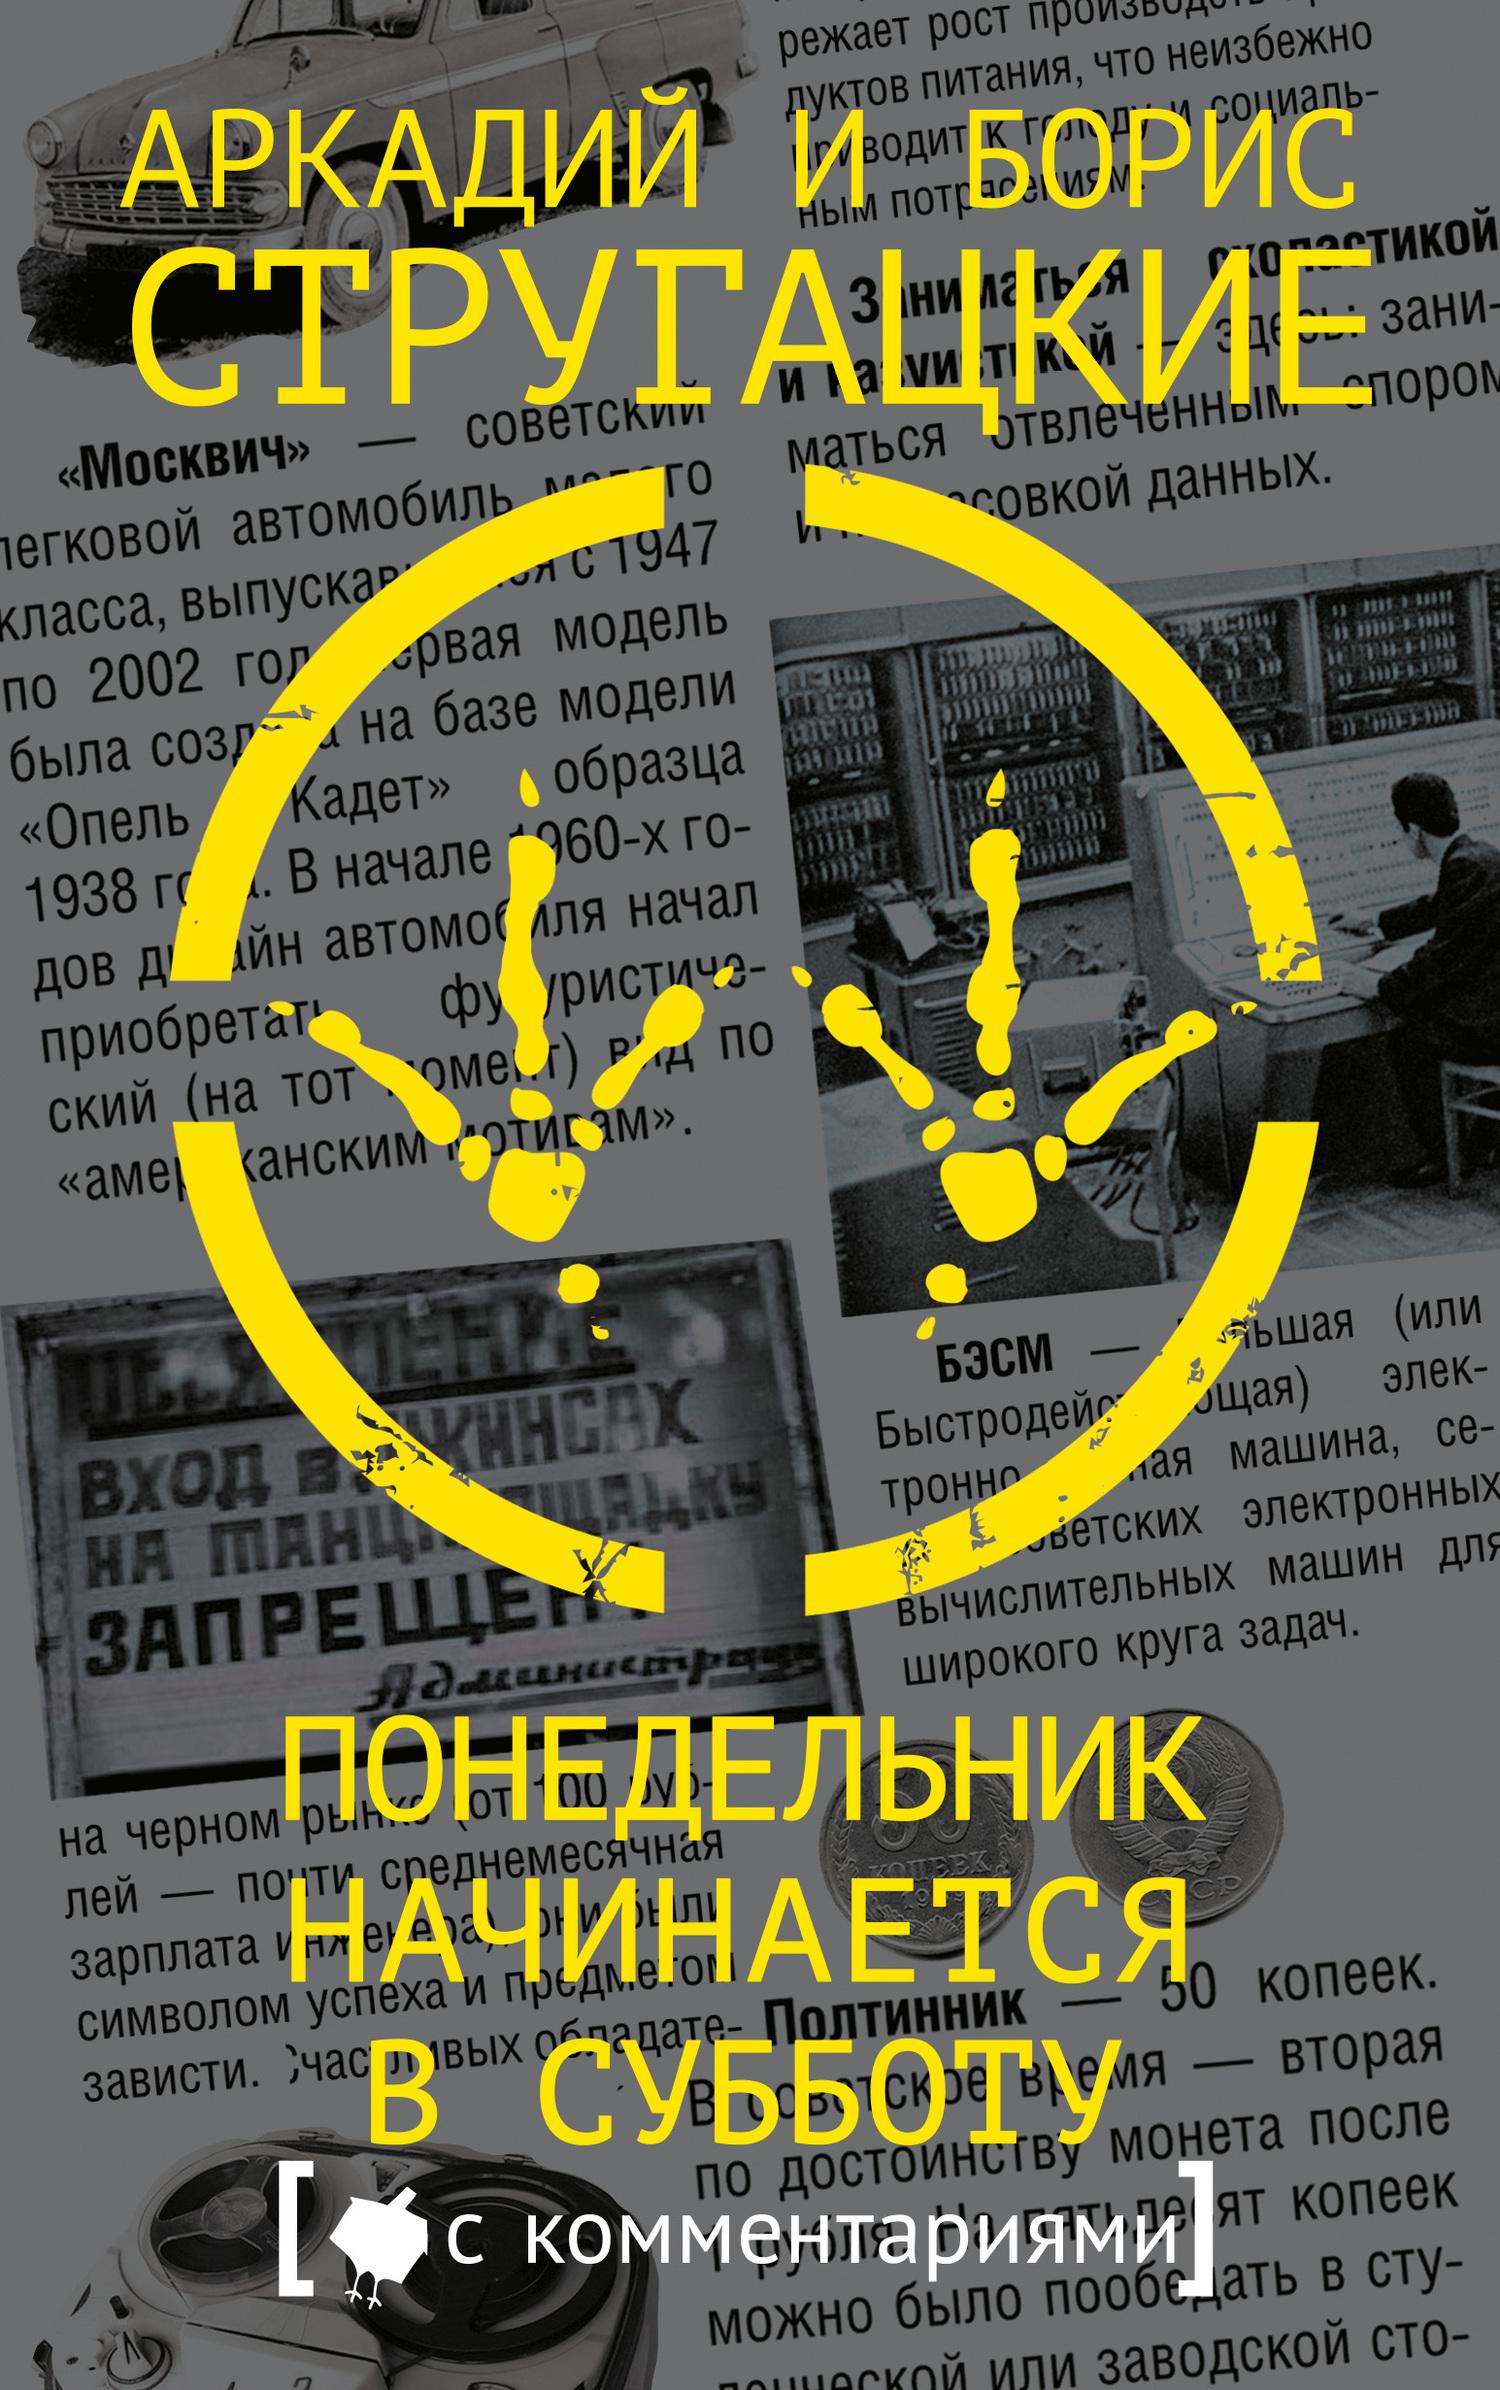 Ремарк-черный обелиск читать онлайн